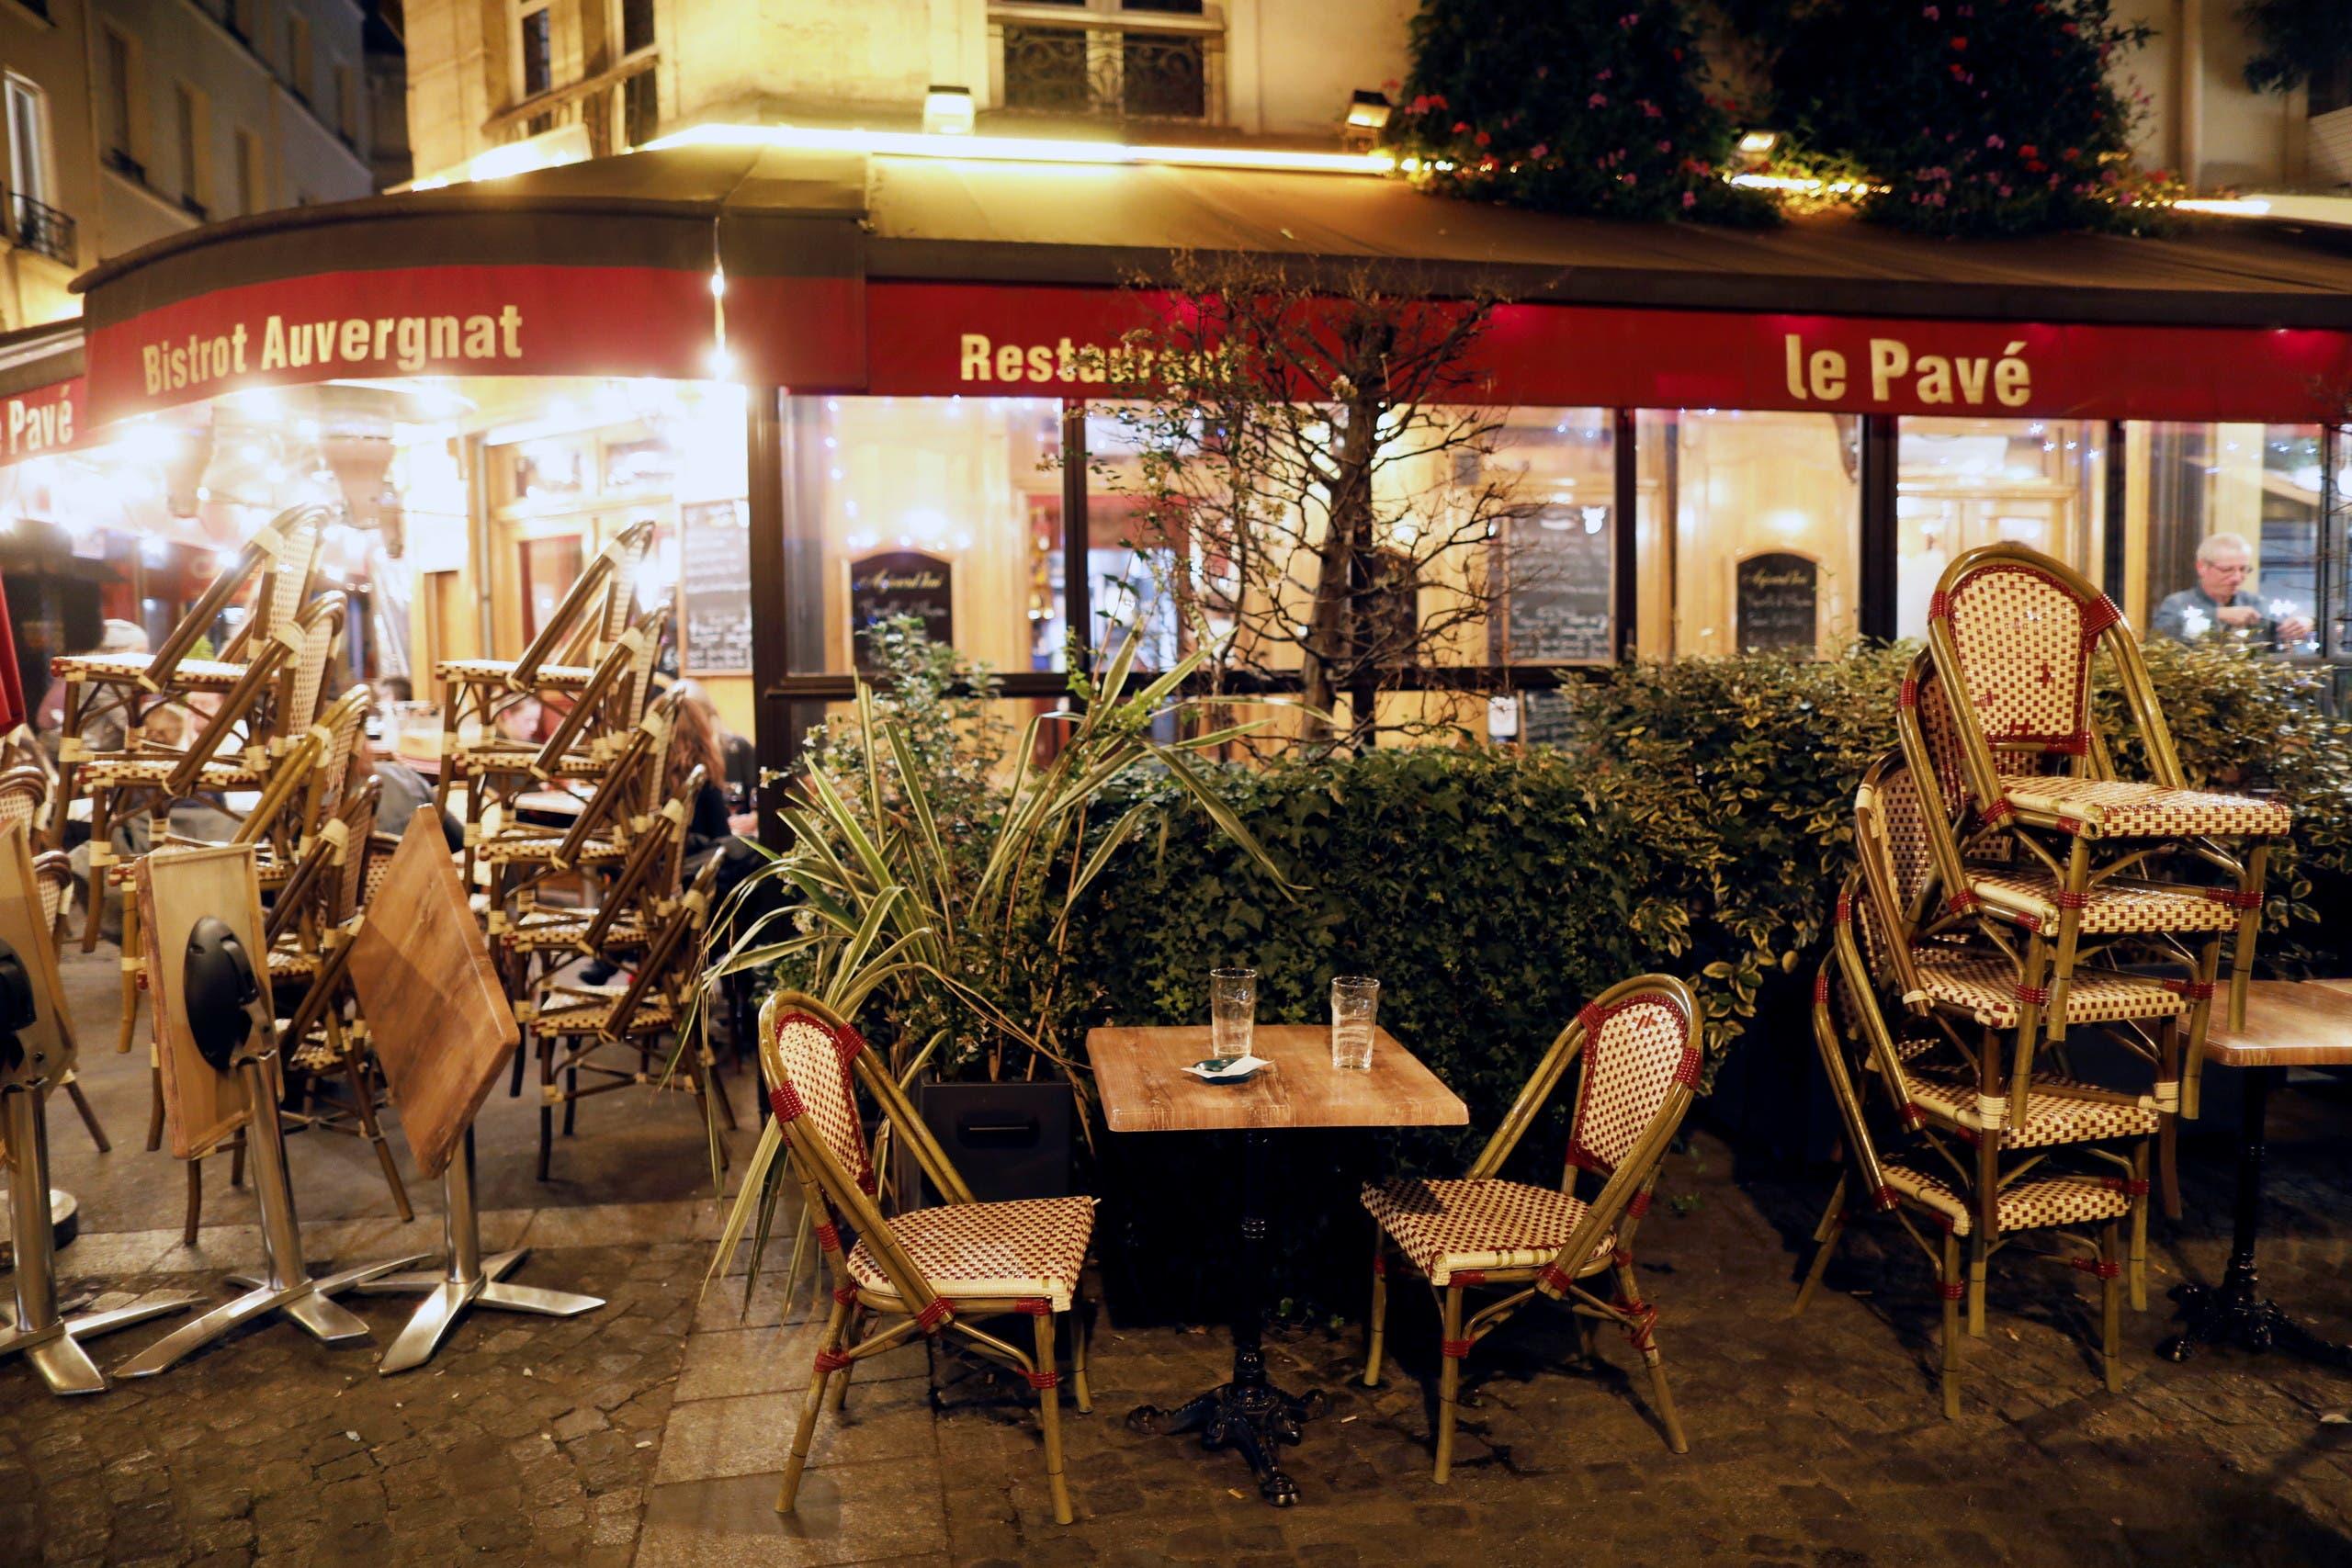 مقهى في باريس يغلق أبوابه مساء السبت بسبب حظر التجول